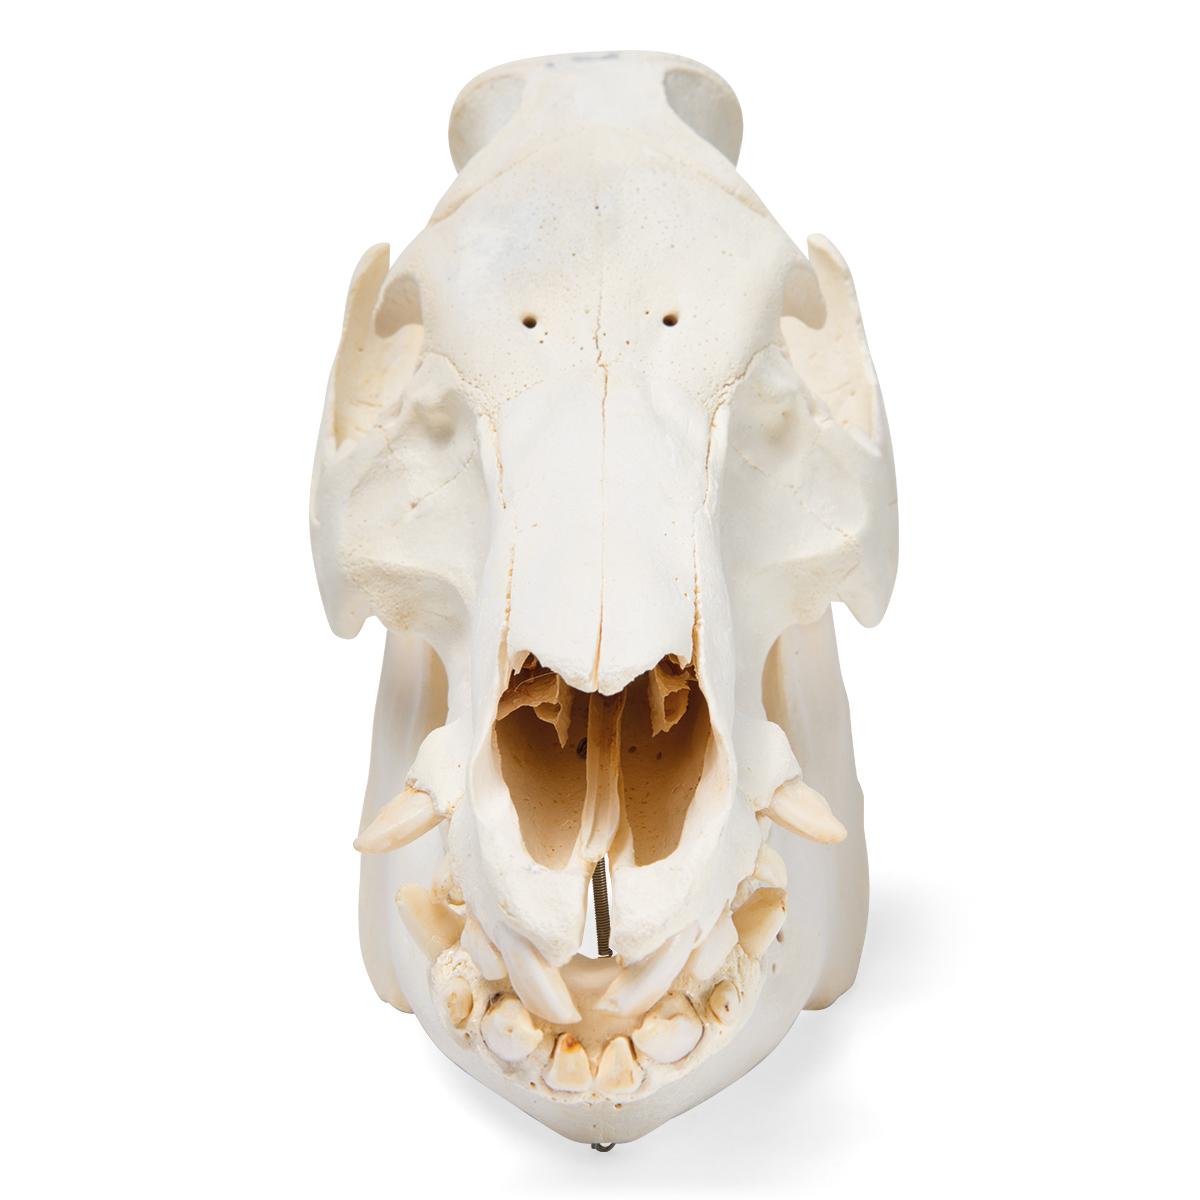 Domestic Pig Skull (Sus scrofa domesticus), Female, Specimen ...